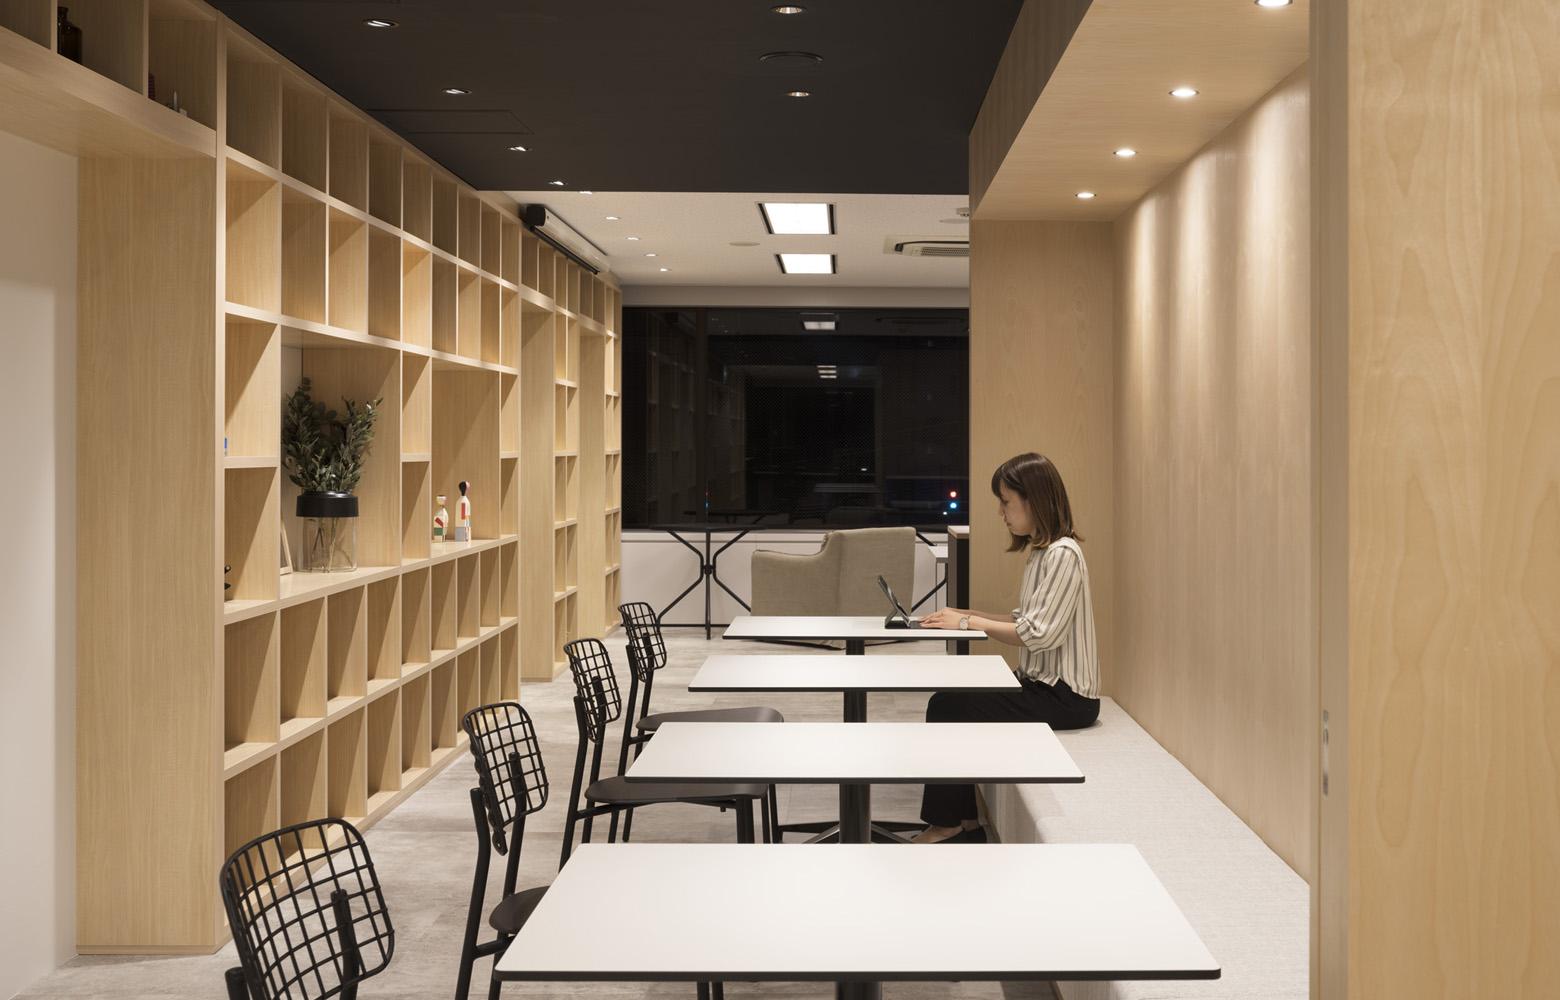 リンクタイズ株式会社 Bench Space デザイン・レイアウト事例